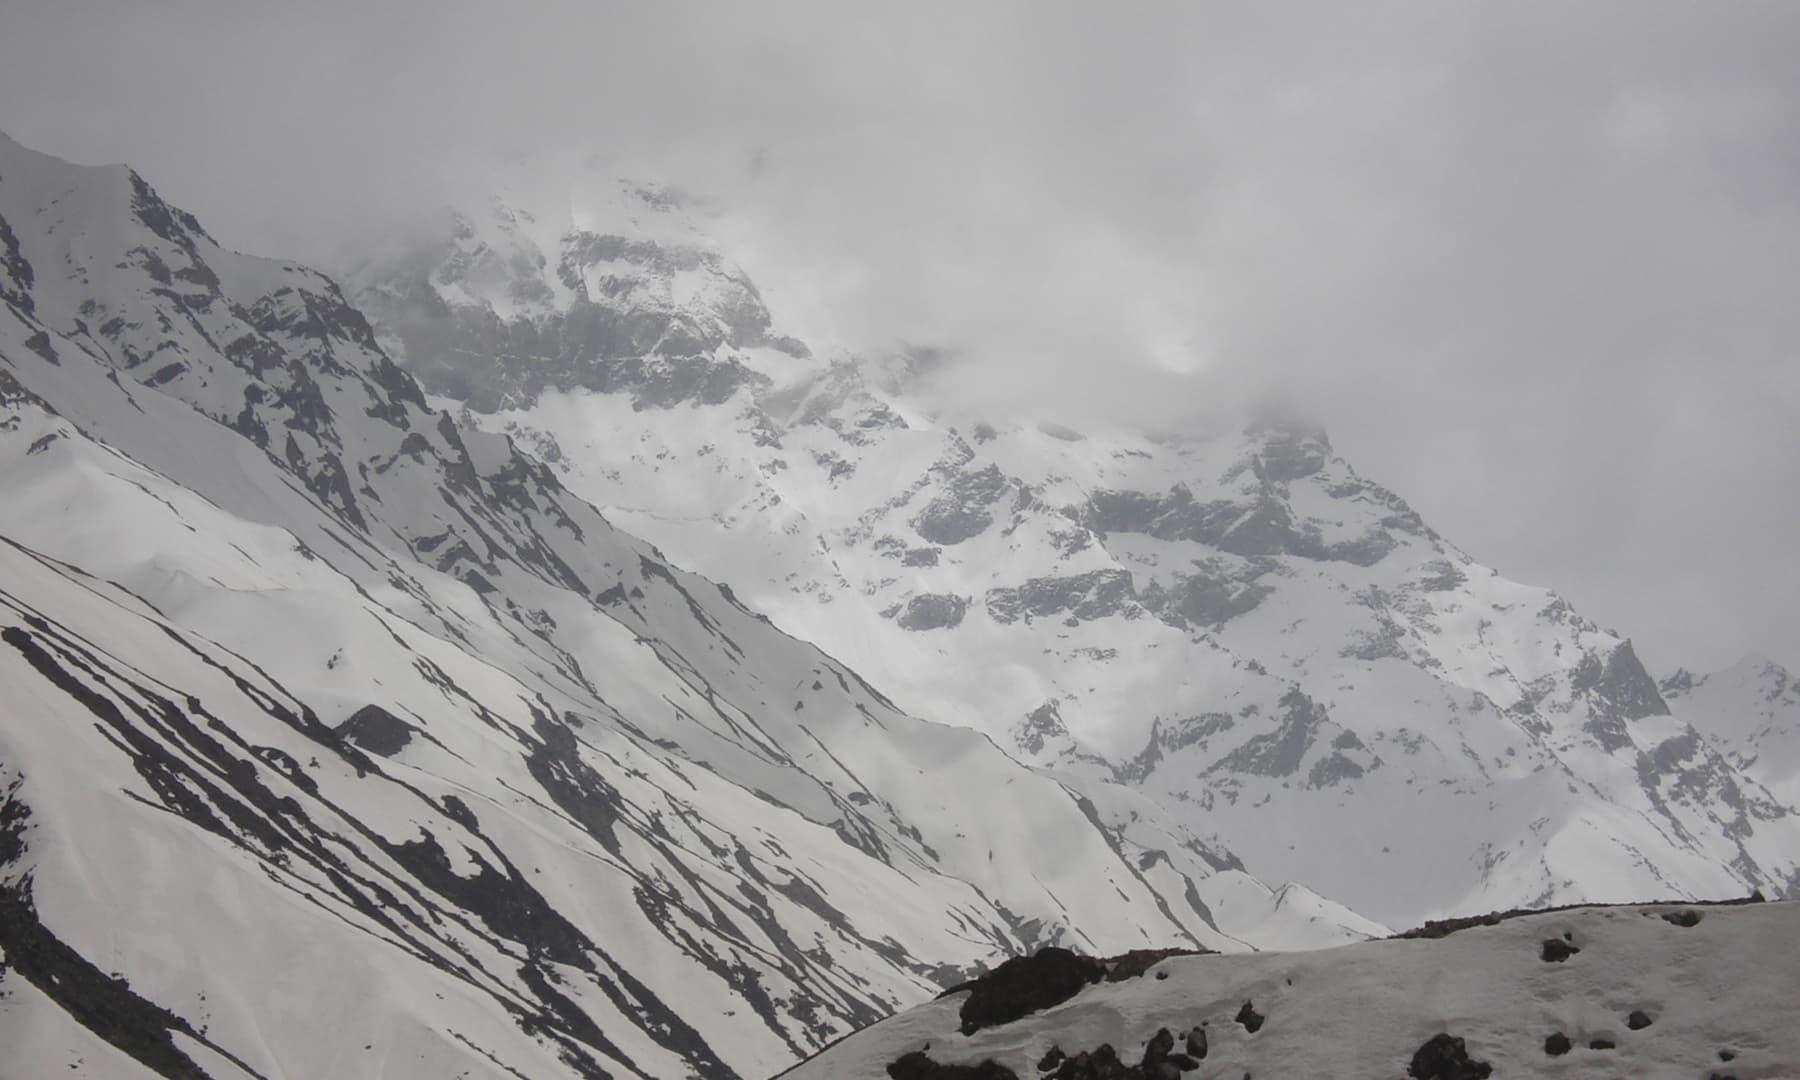 برفیلی ملکہ پربت کی موسم سرما میں لی گئی ایک تصویر—تصویر عظمت اکبر